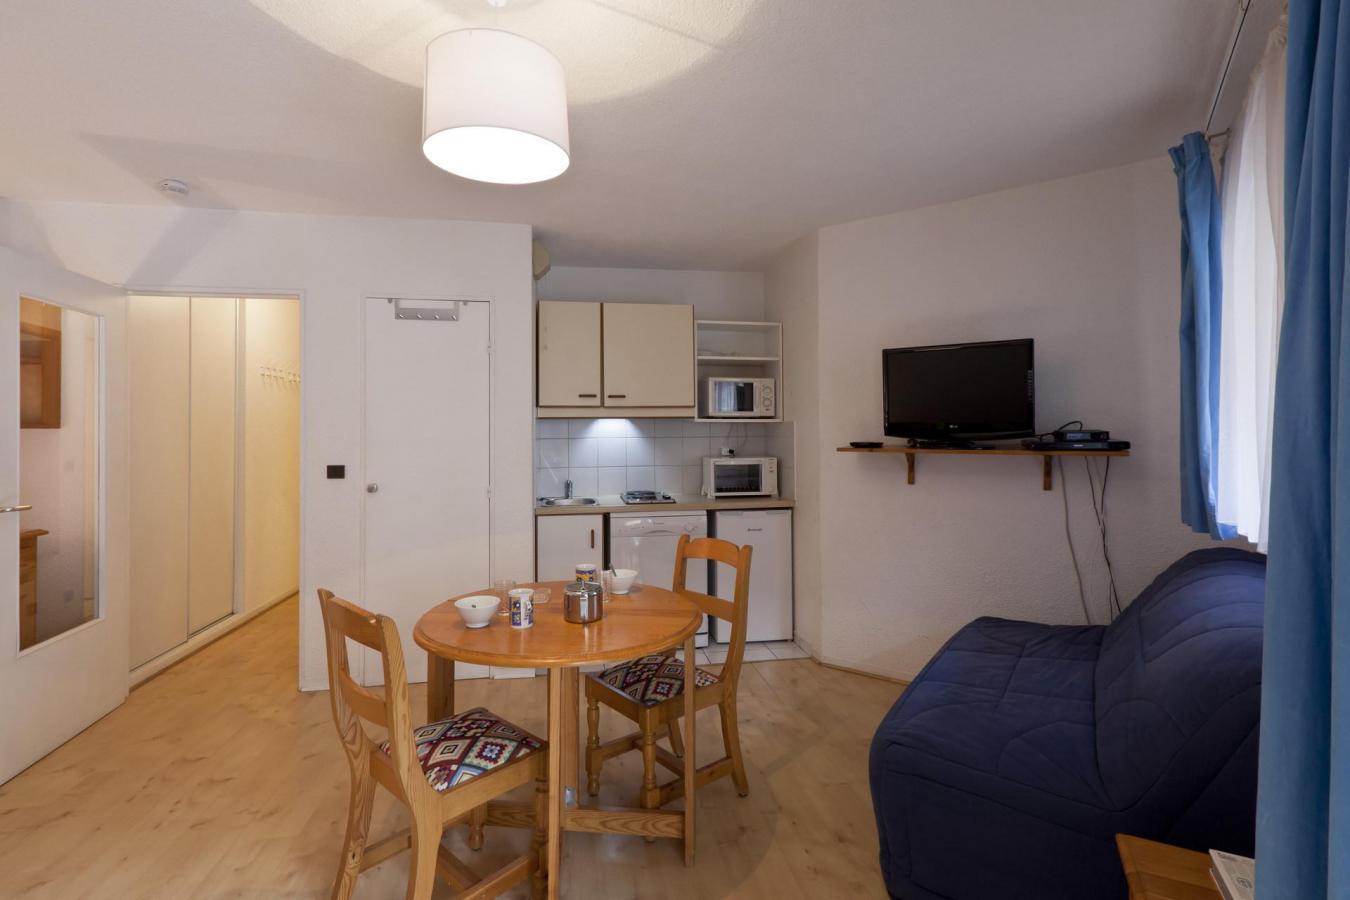 Location au ski Studio 4 personnes (538) - Residence Tarentaise - Brides Les Bains - Salle de bains